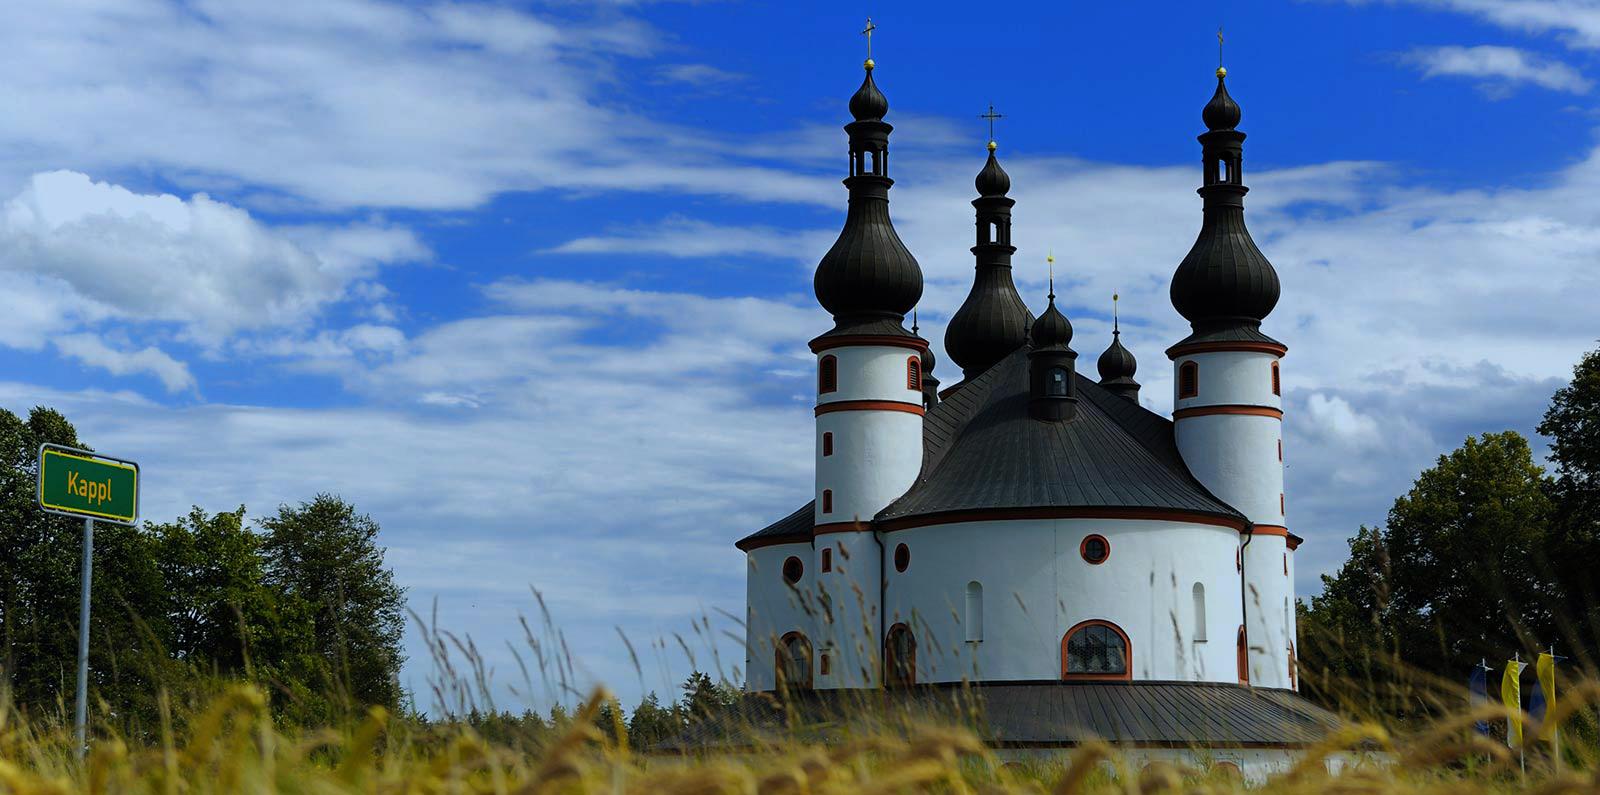 Außenansicht Kapelle Waldsassen in Bayern | Kondrauer Mineral- und Heilbrunnen